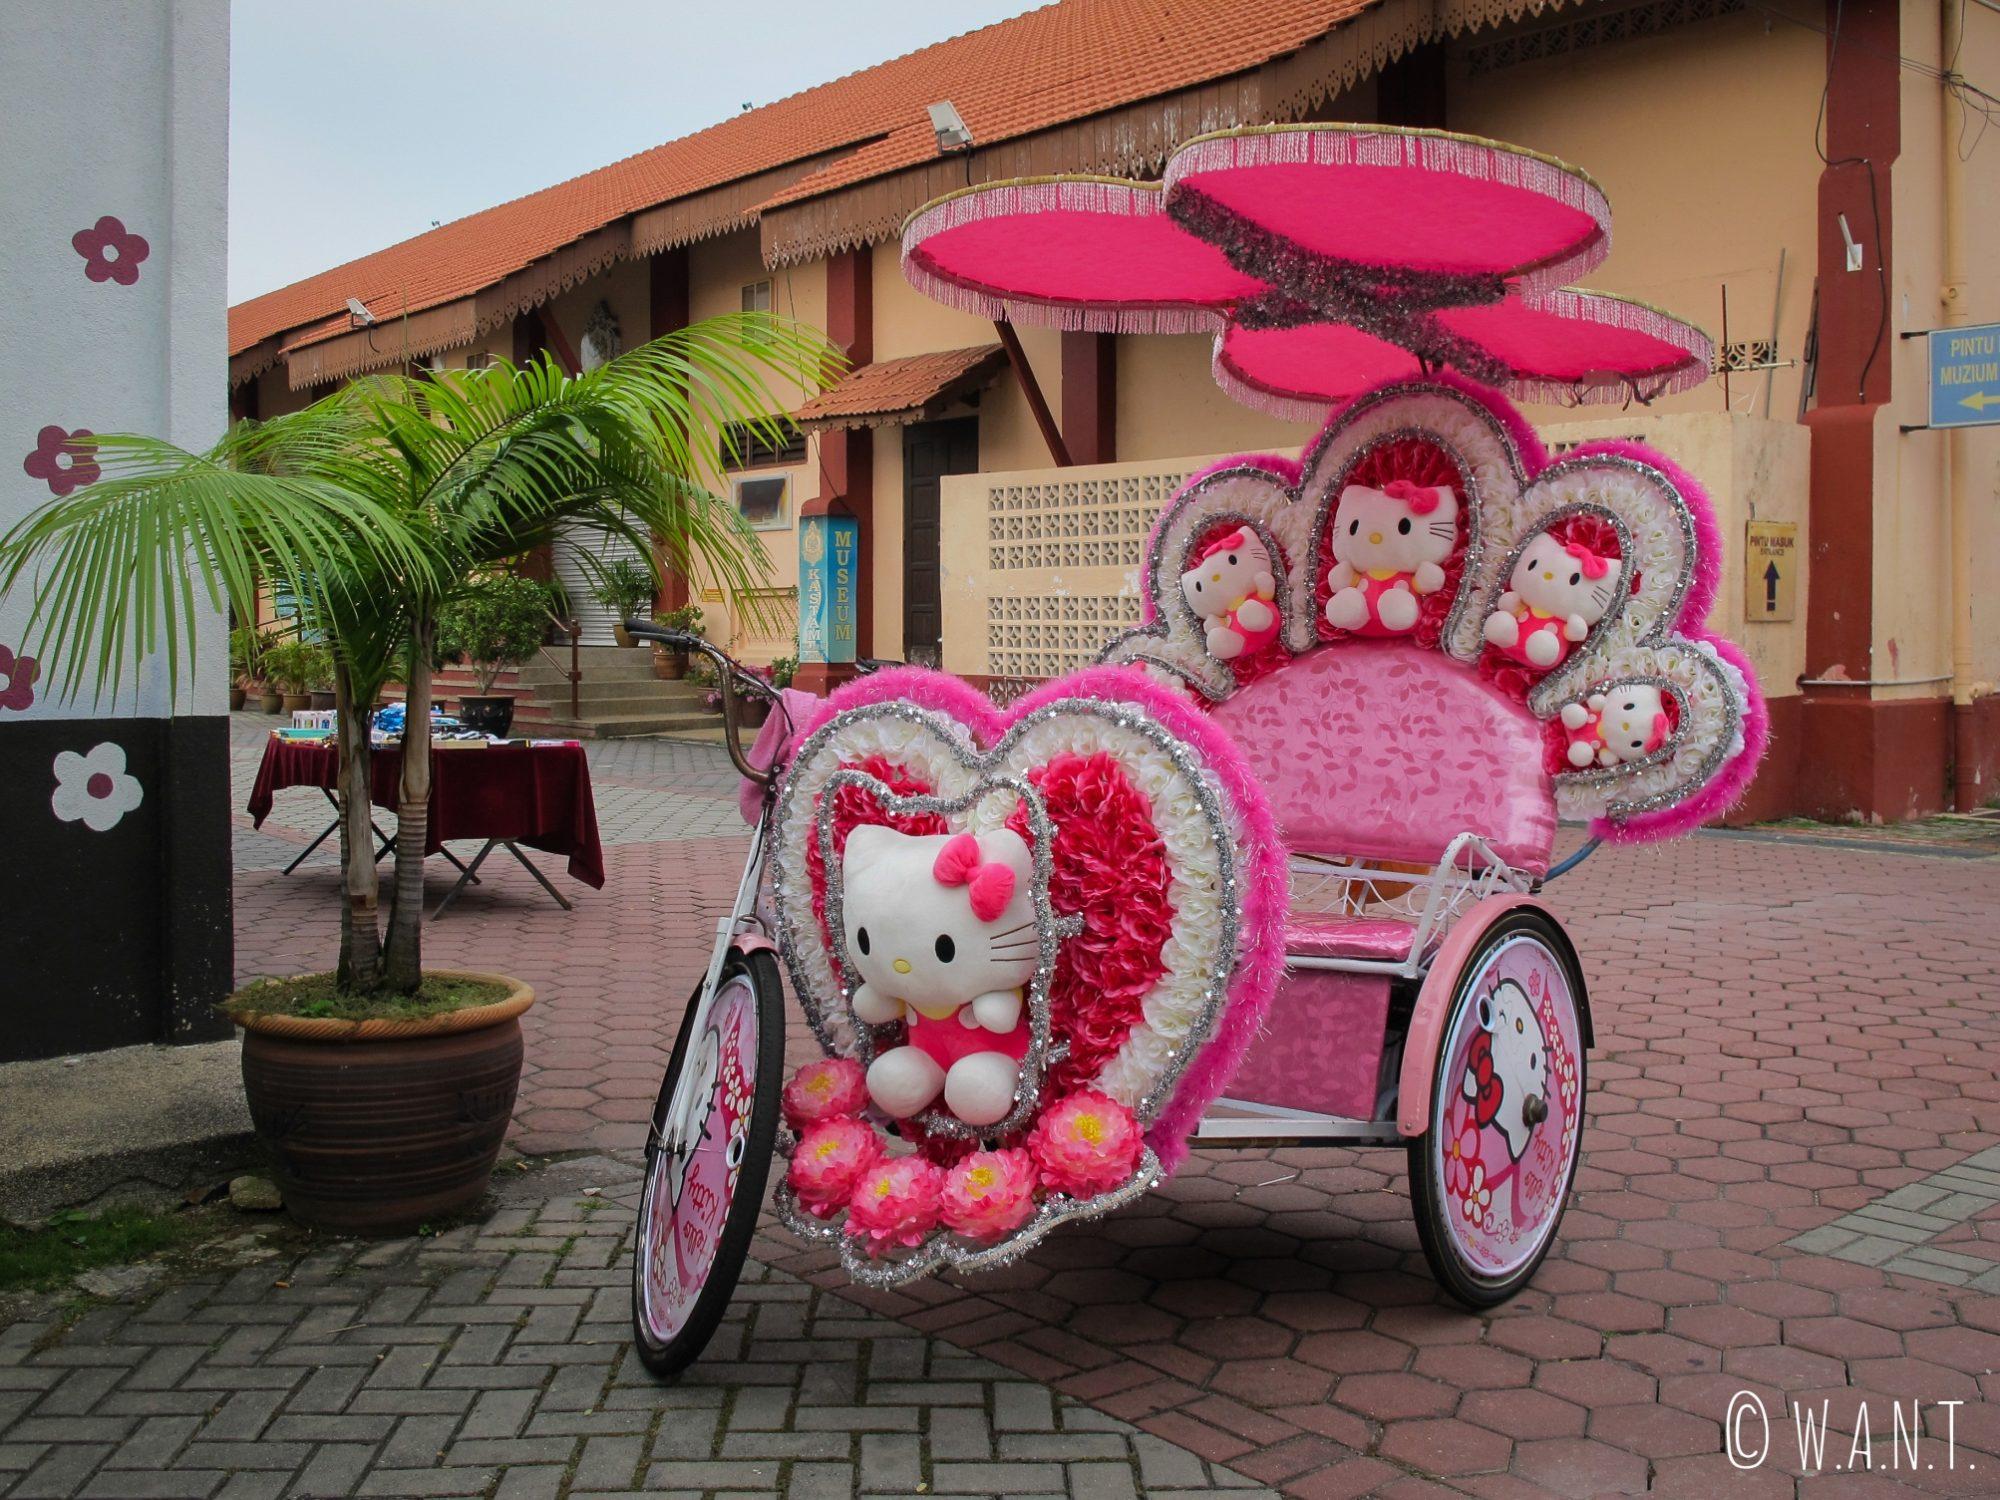 Tuk-tuk à l'effigie d'Hello Kitty dans les rues de Malacca